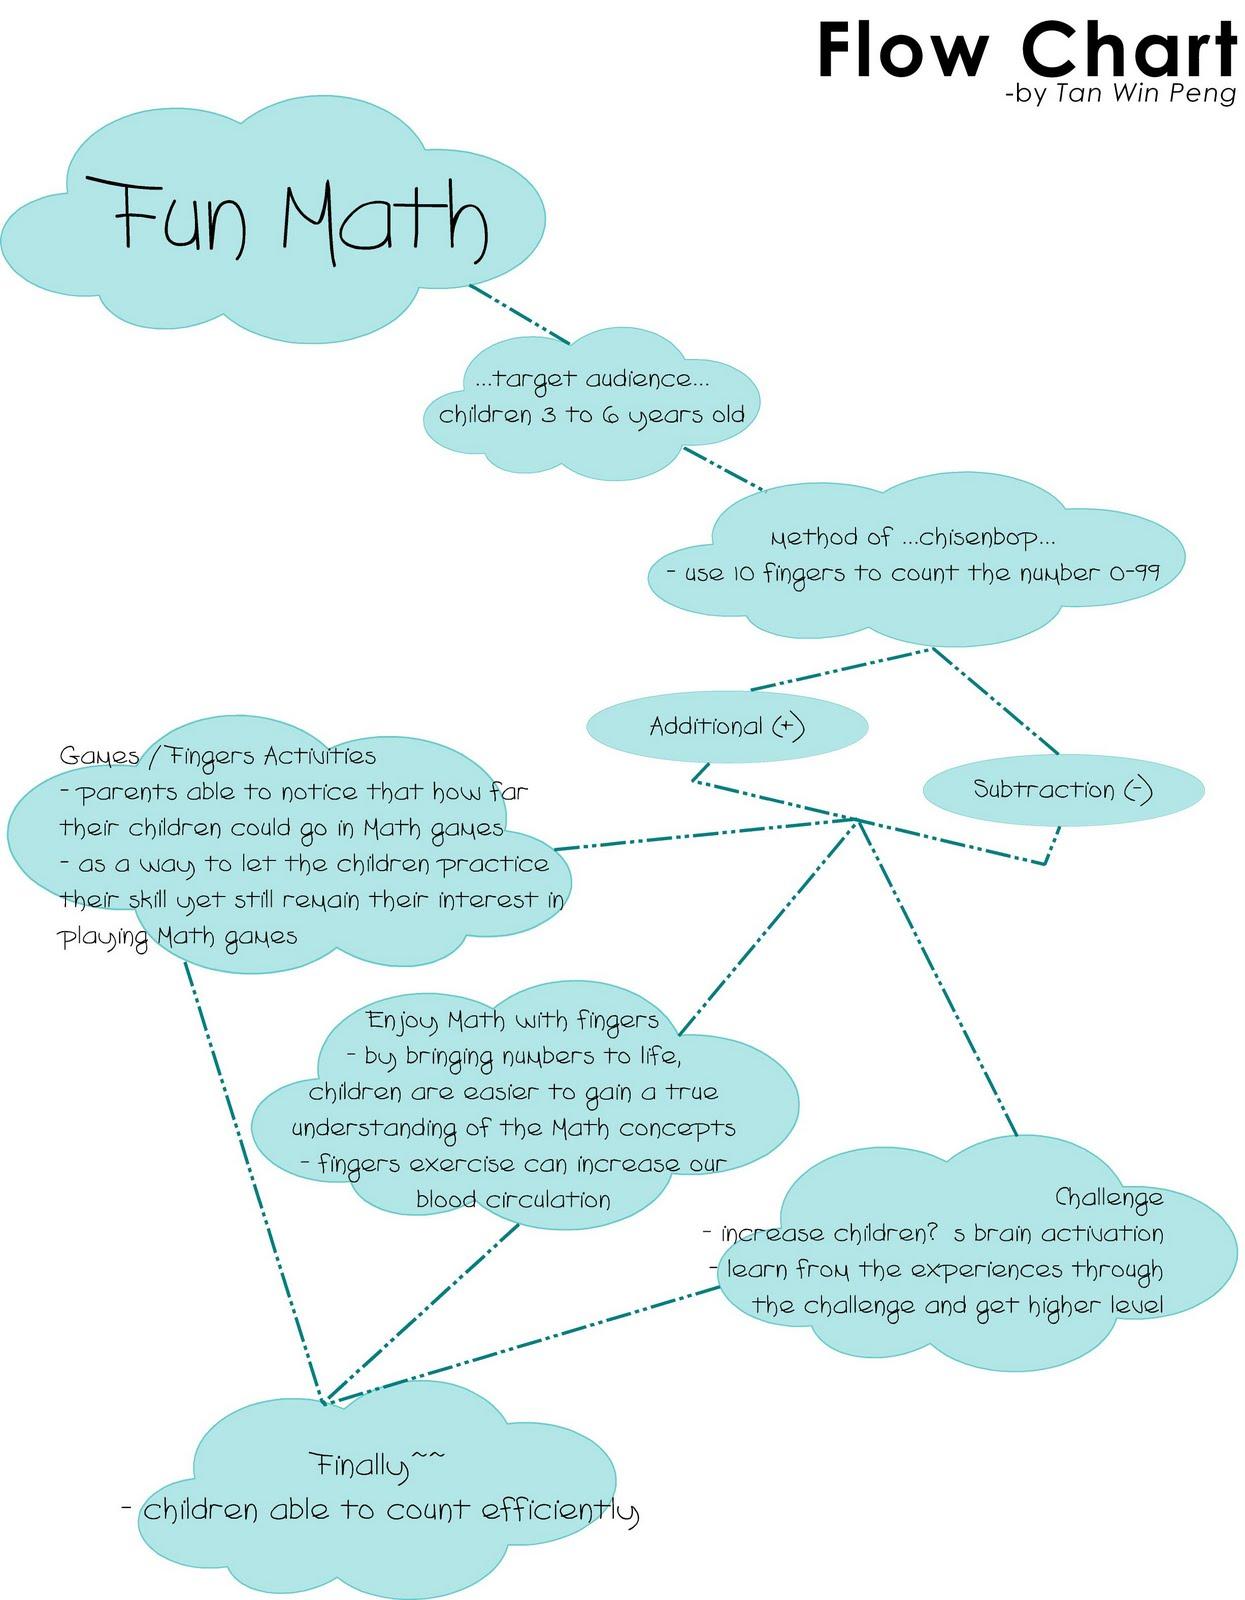 Smart Fingers create Fun Math== Flow Chart - Get Smart Not Hard